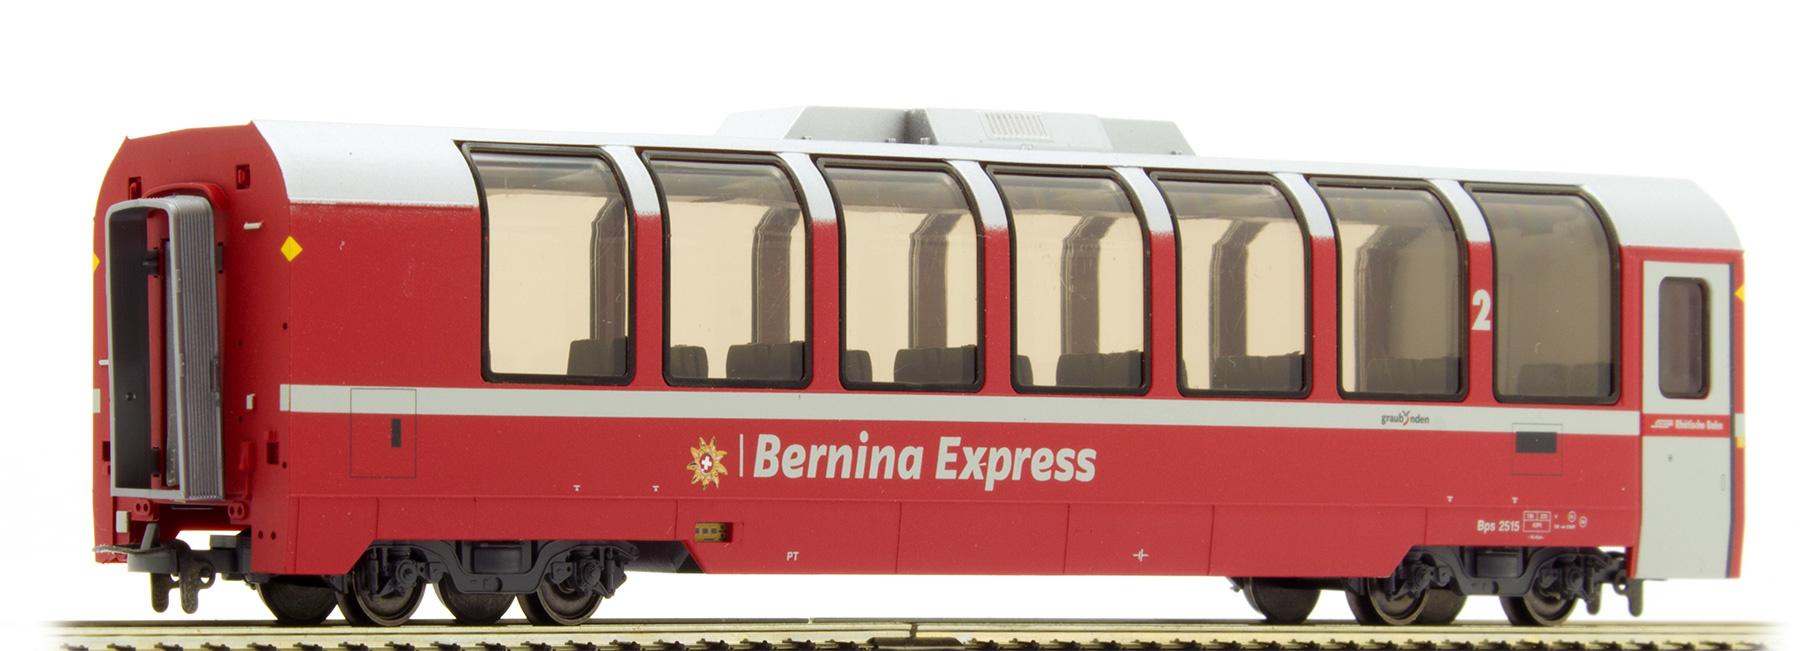 """3294145 RhB Bps 2515 Panoramawagen """"Bernina Express""""-1"""